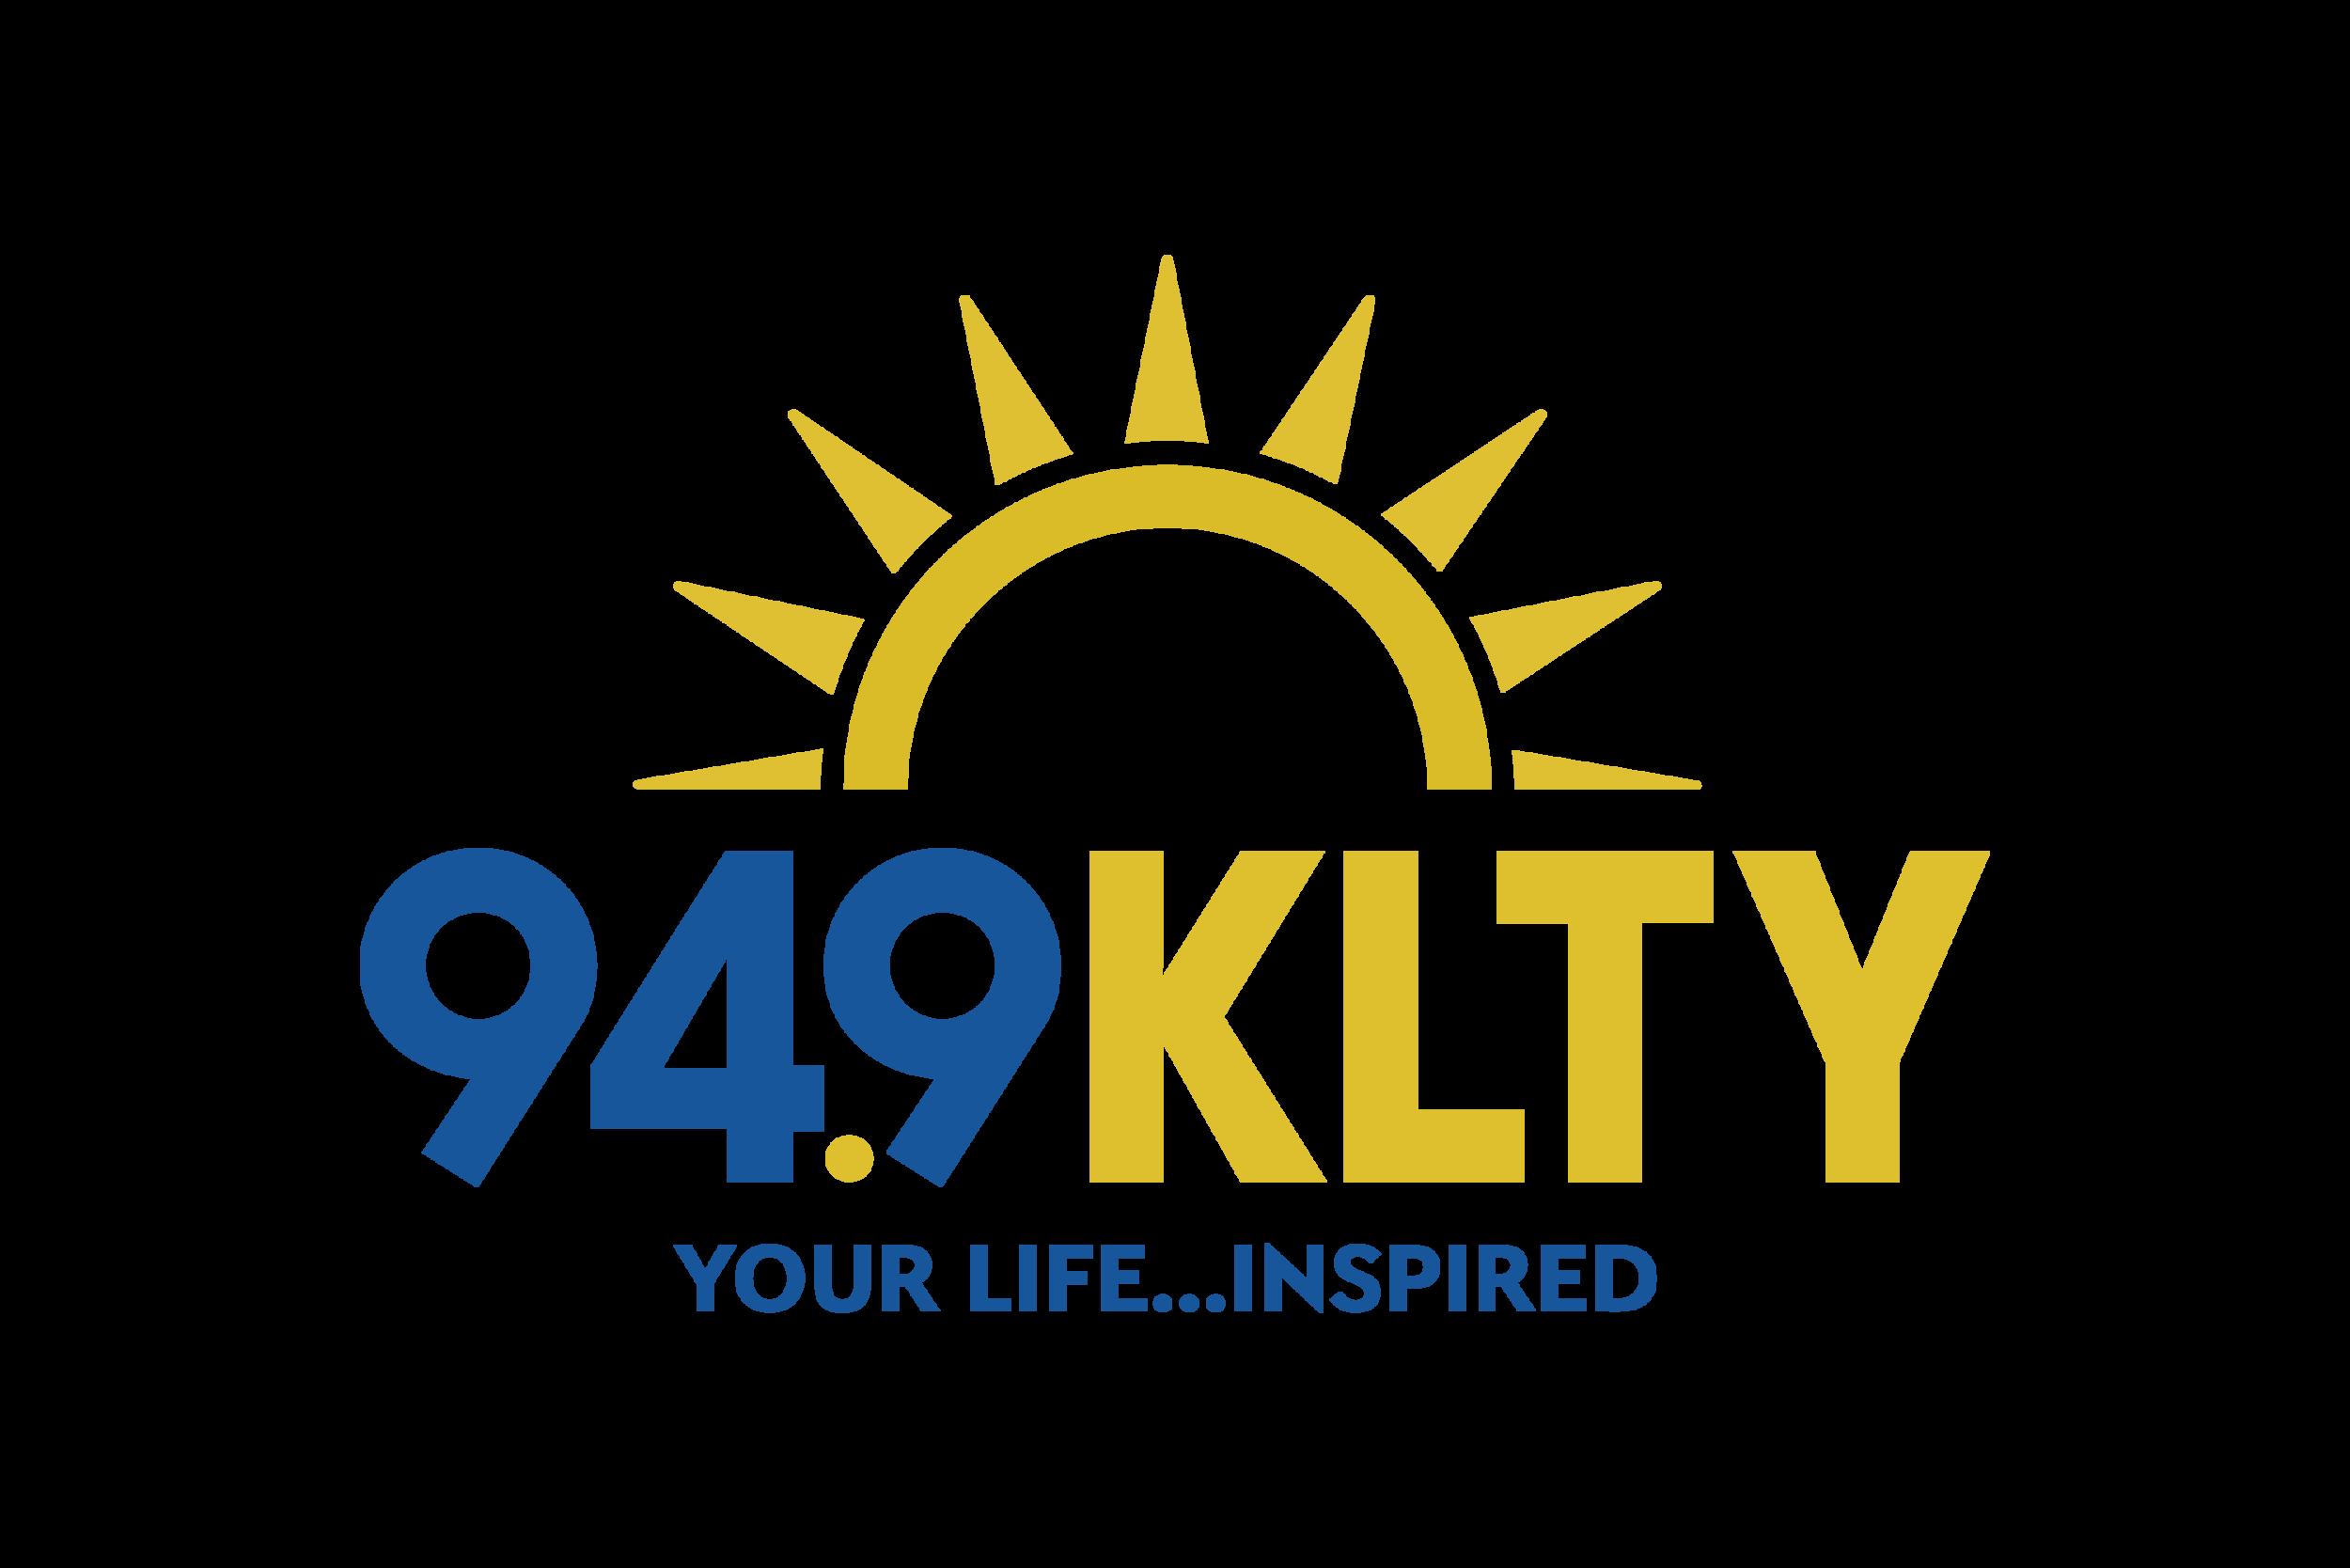 949KLTY_logo.png